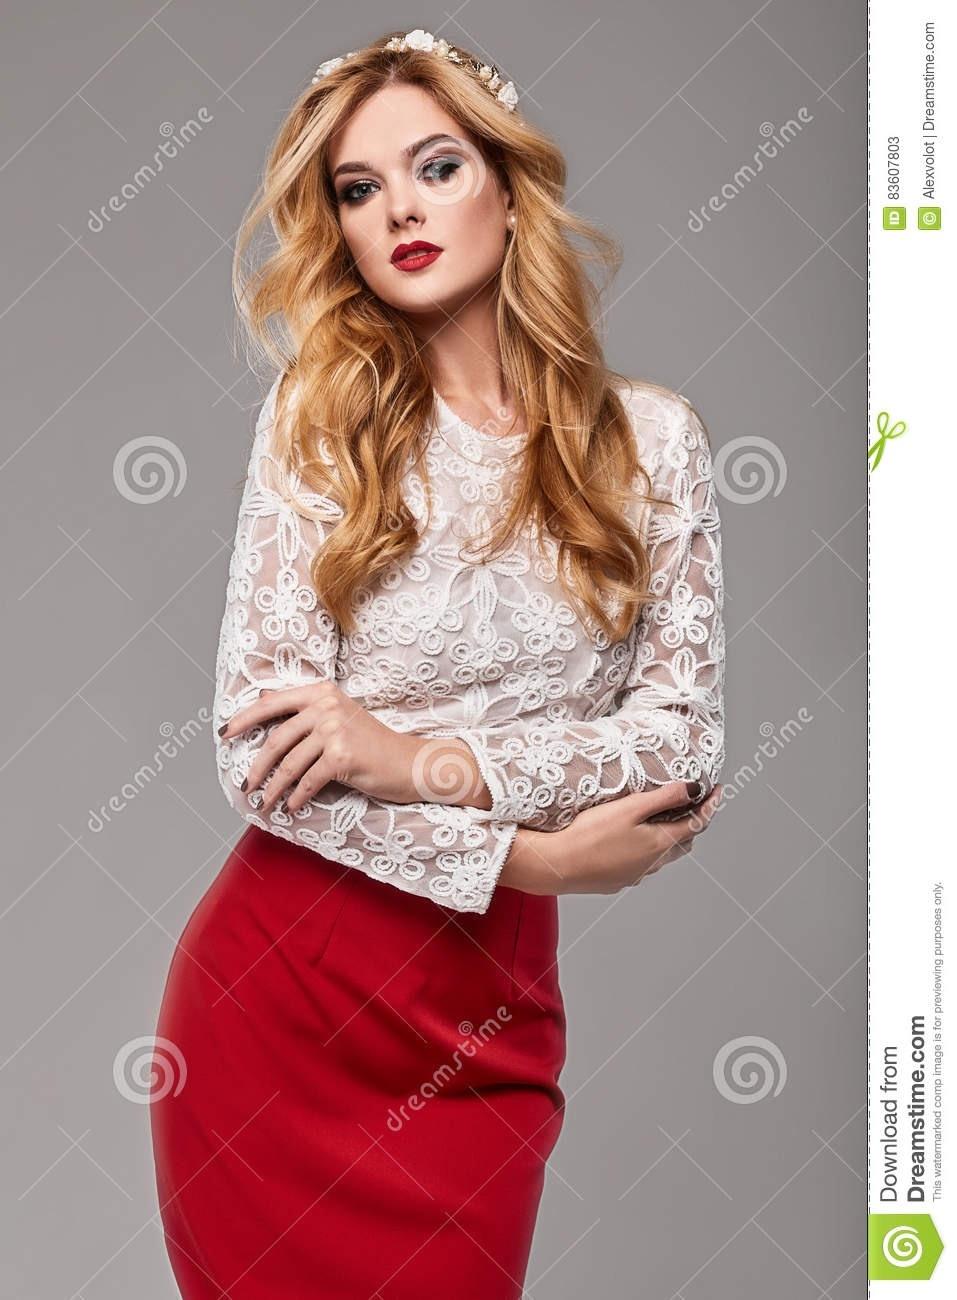 15 Erstaunlich Schöne Moderne Kleider ÄrmelAbend Schön Schöne Moderne Kleider Ärmel